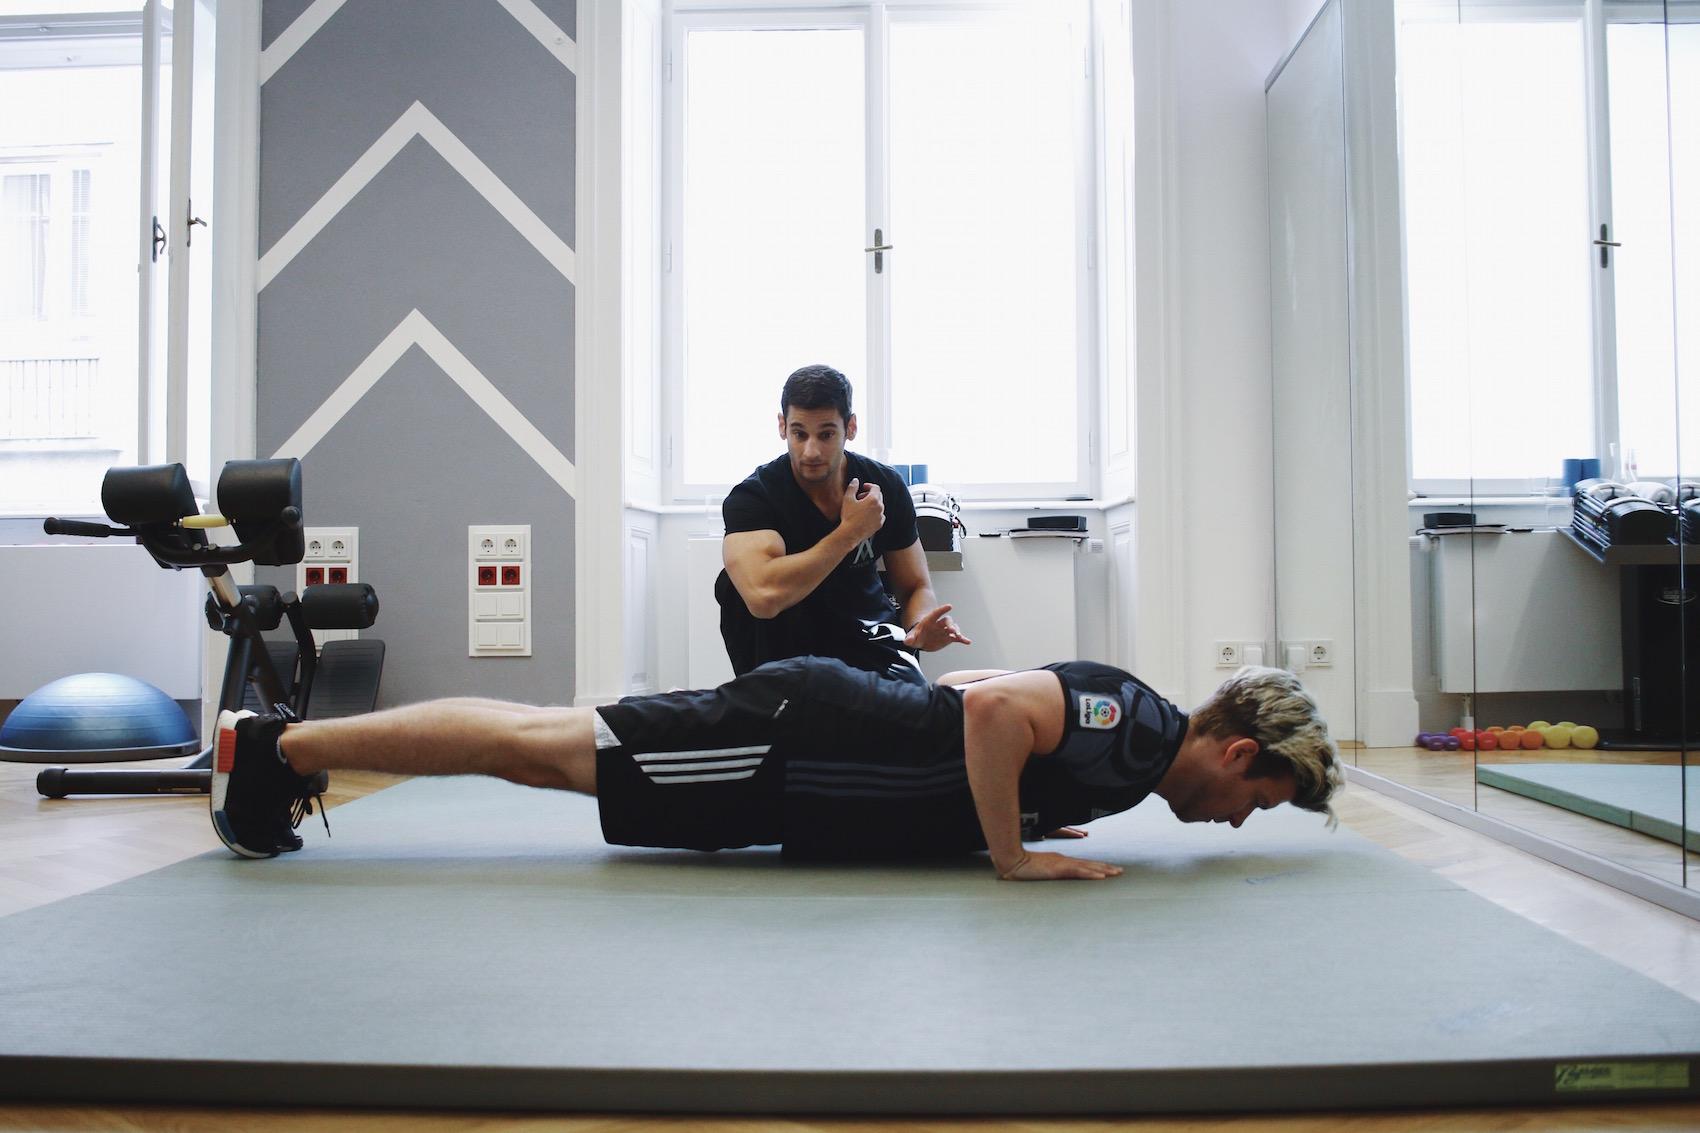 Brusttraining mit eigenem Körpergewicht_Liegestützen und Dips richtig machen_Meanwhile in Awesometown_Wiener Männermode und Lifestyle Blogger6